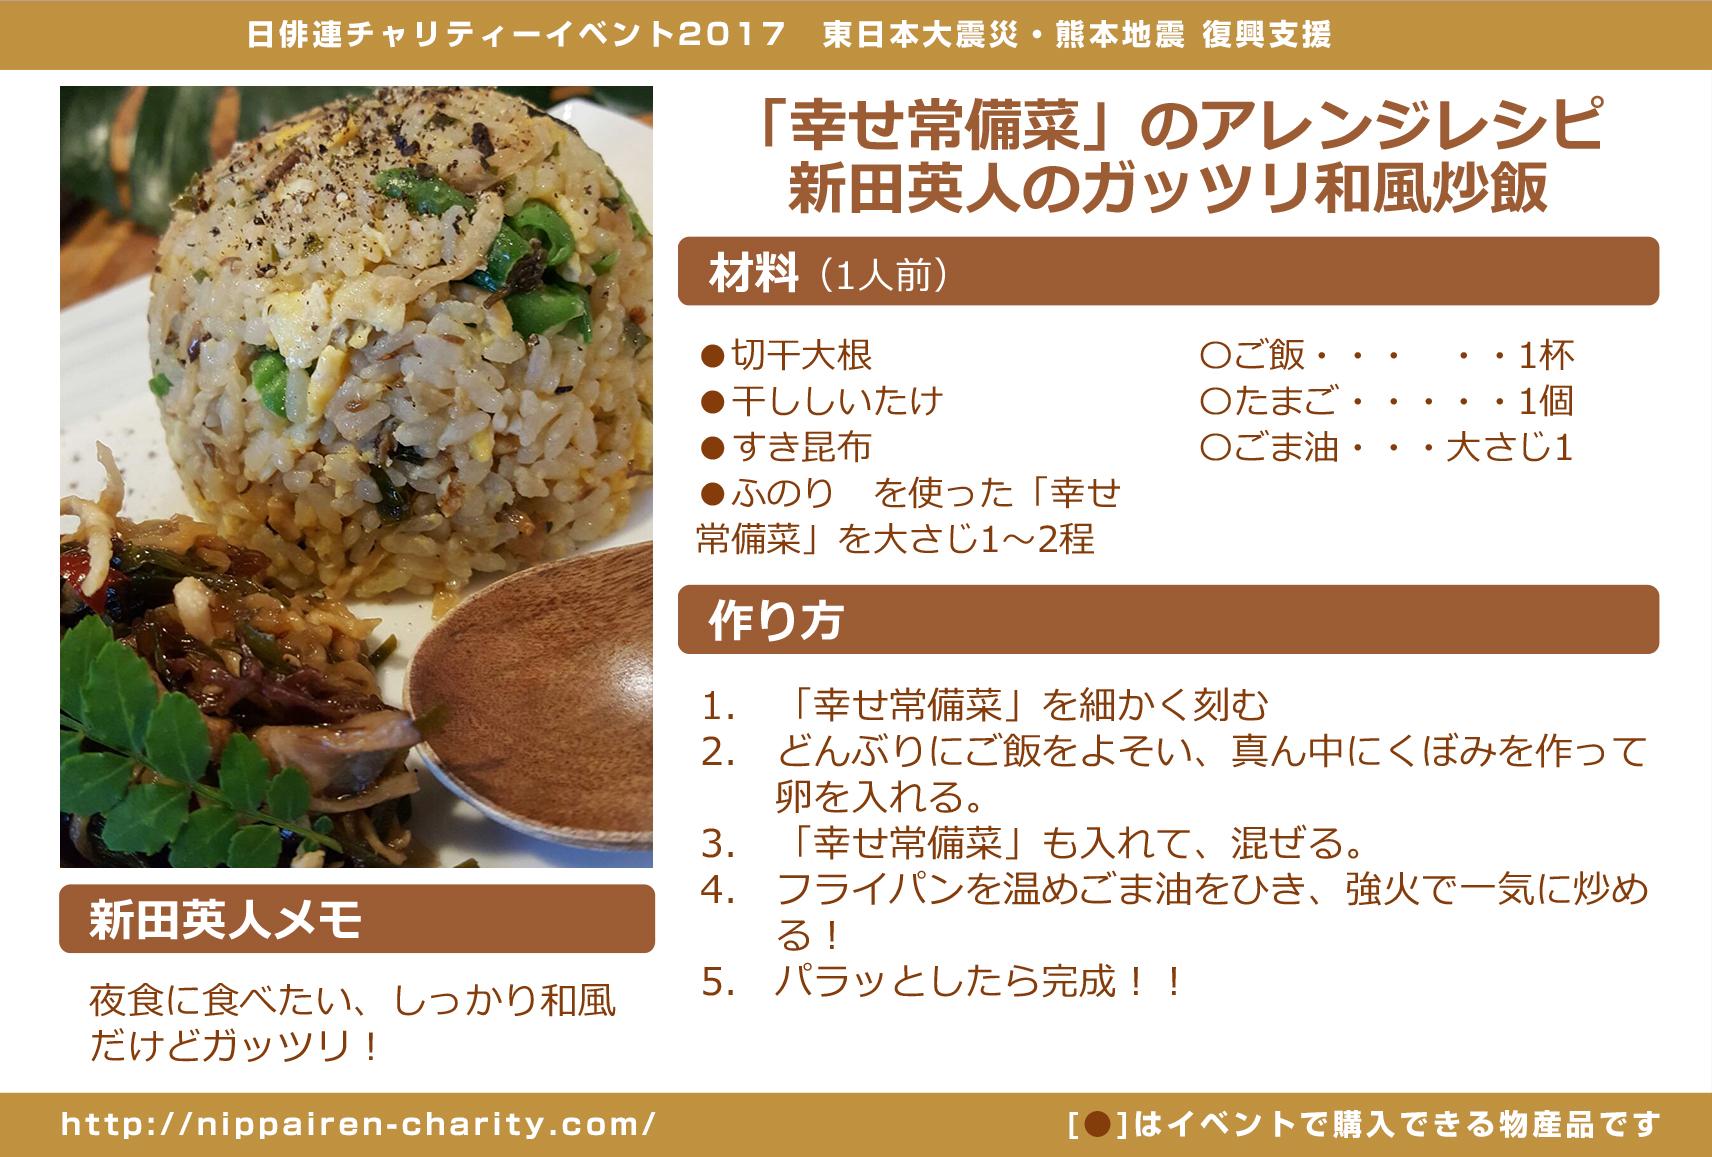 「幸せ常備菜」のアレンジレシピ 新田英人のガッツリ和風炒飯